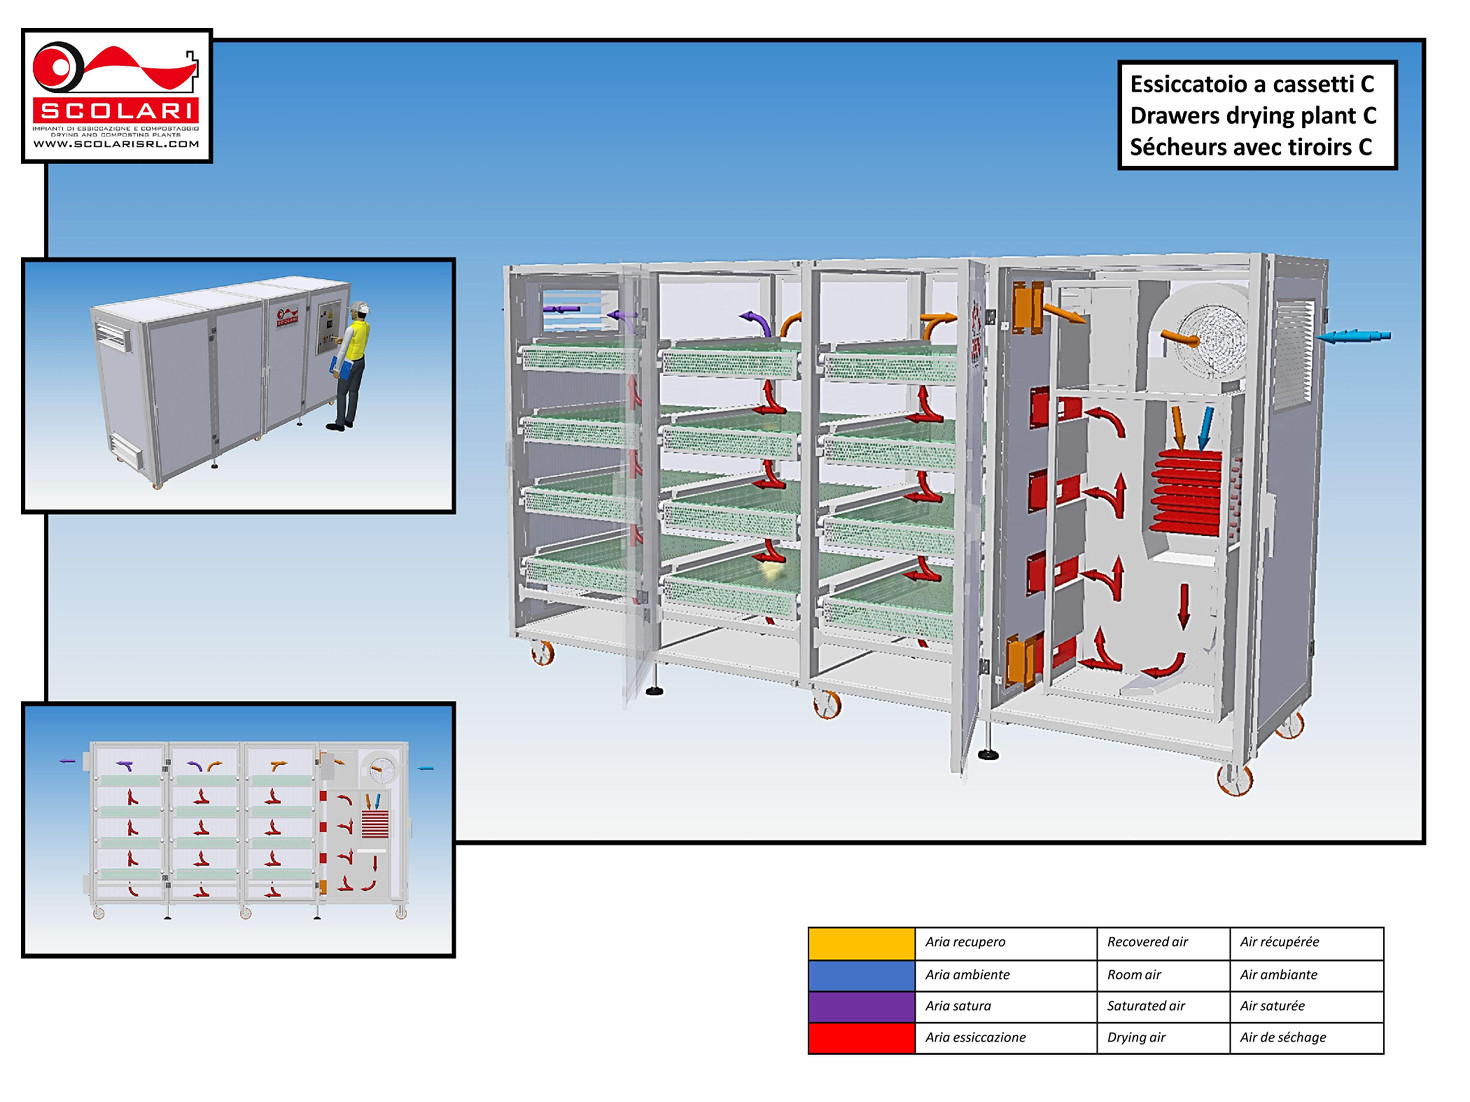 impianti essiccazione cassetti